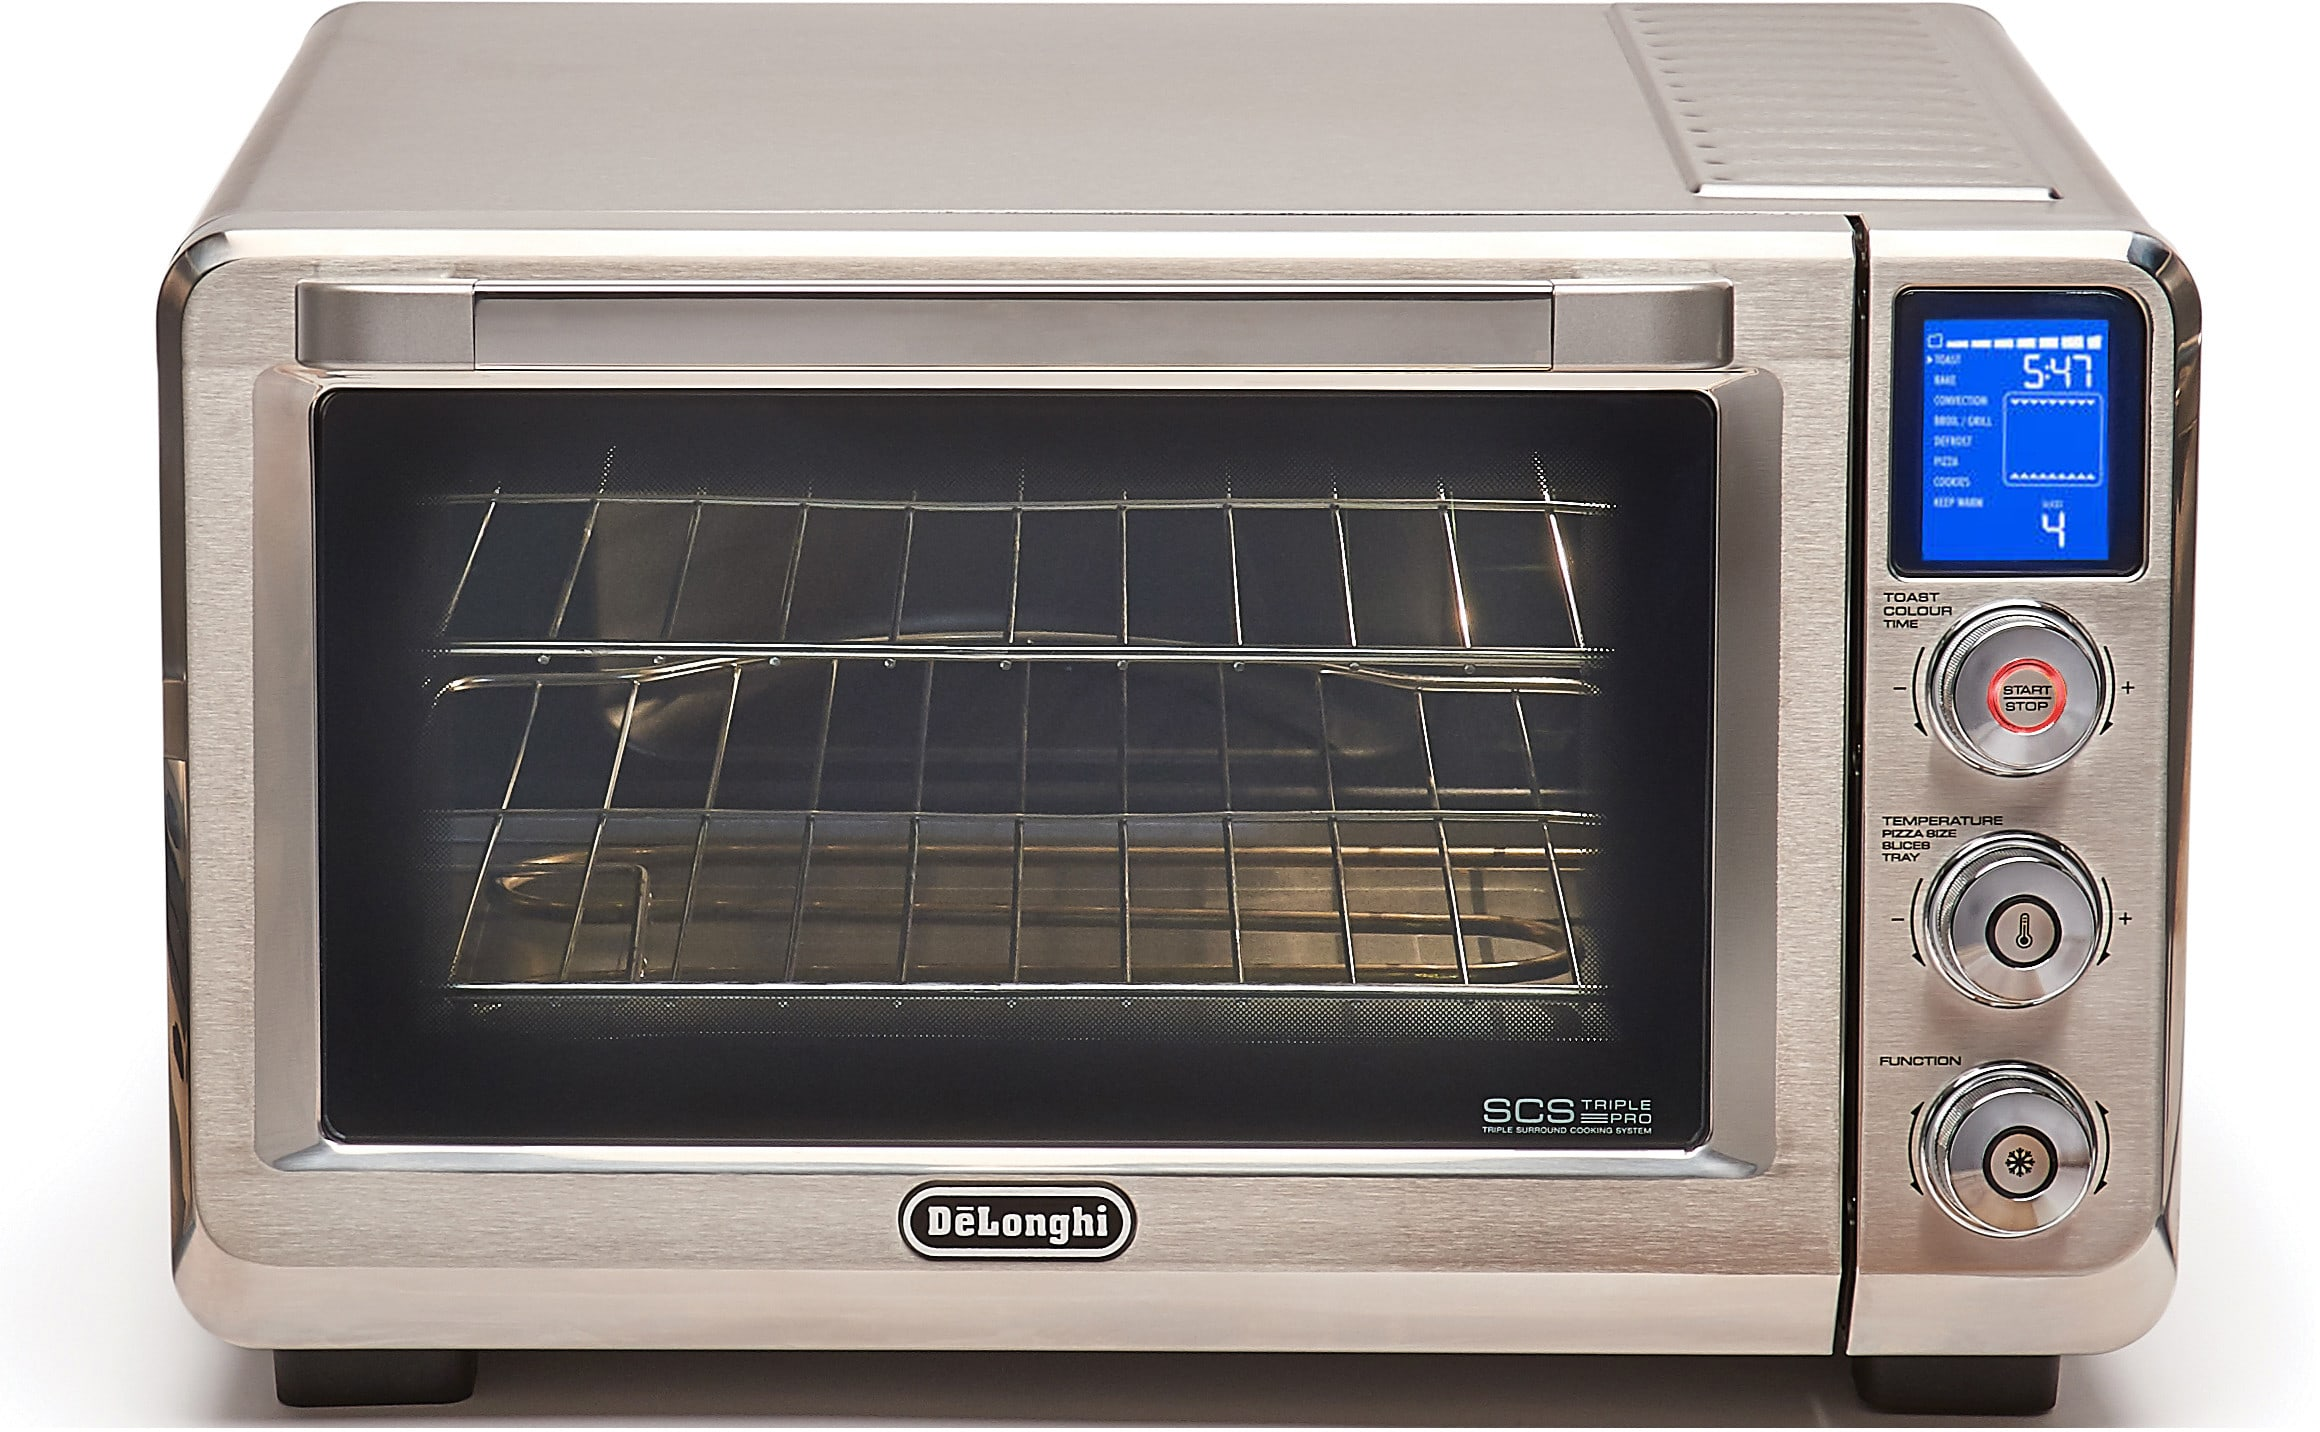 Frigidaire FGTR1845QP 30 Inch Top Freezer Refrigerator with 18 1 cu